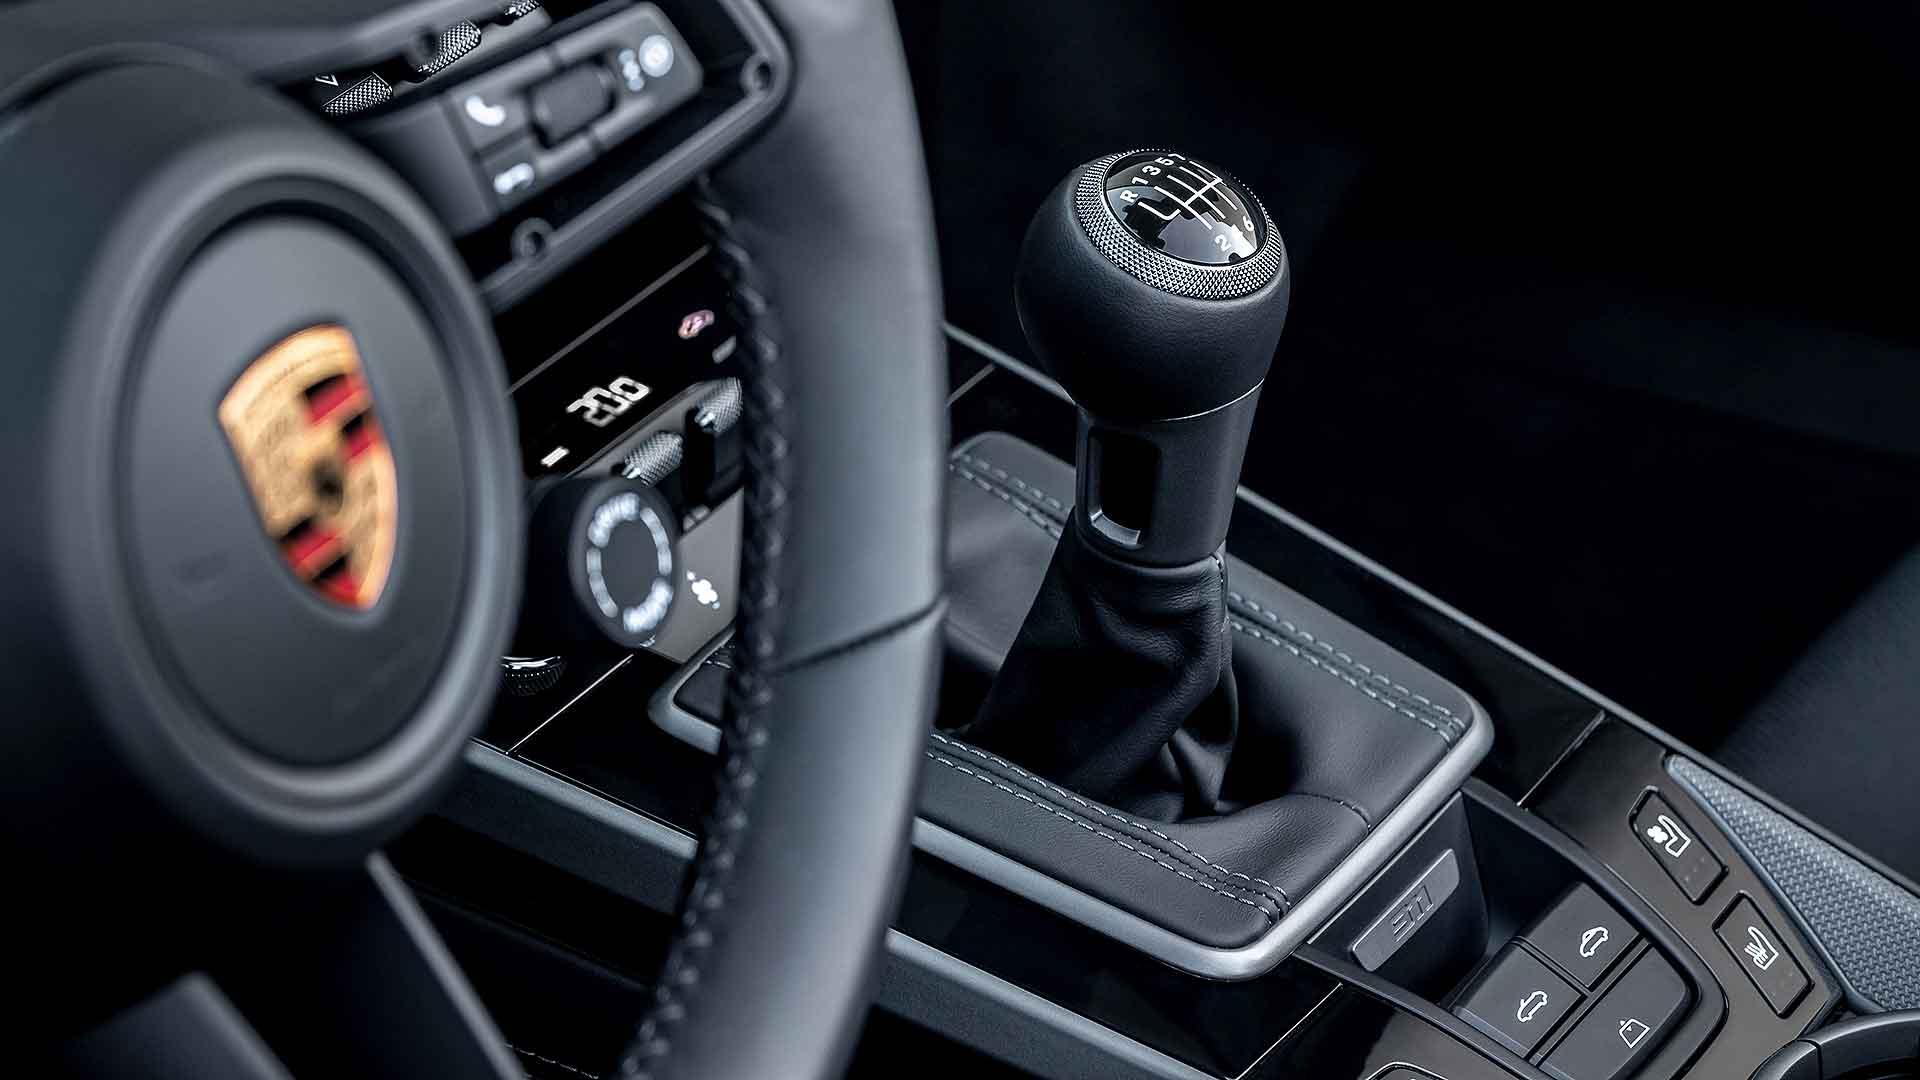 Porsche 911 7-speed manaul gearbox